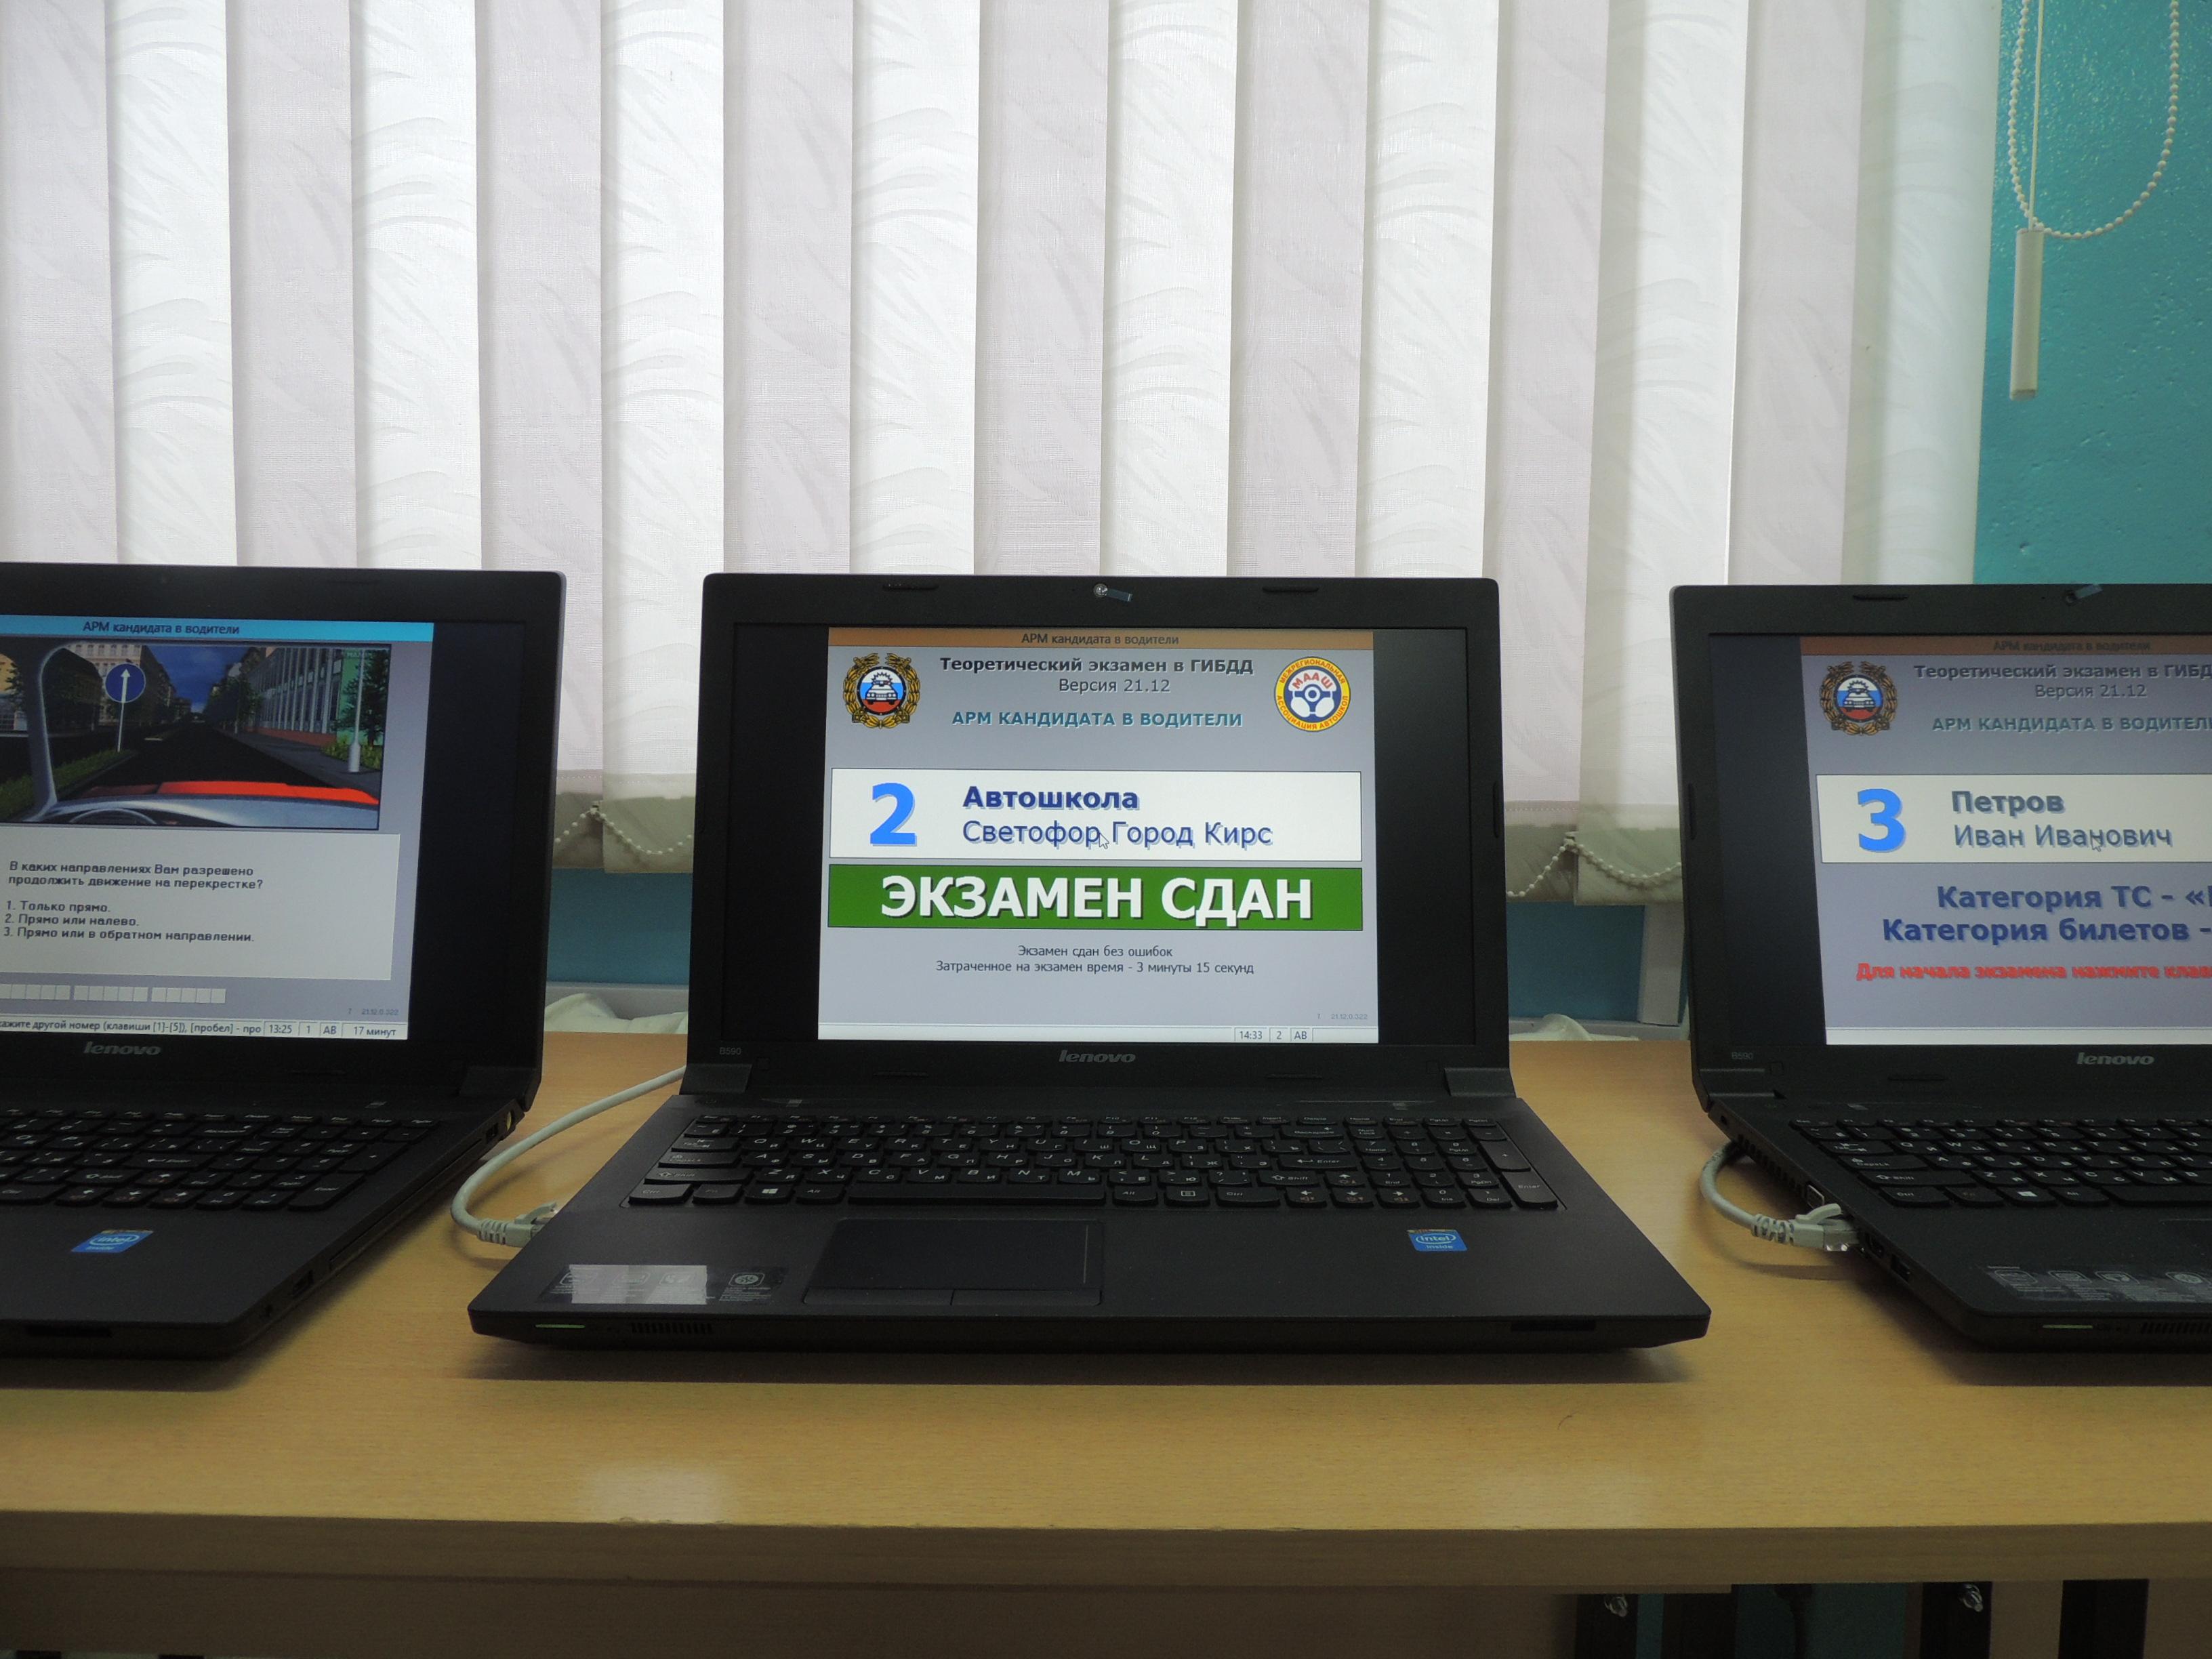 Работа онлайн кирс требуются девушки на высокооплачиваемую работу екатеринбург